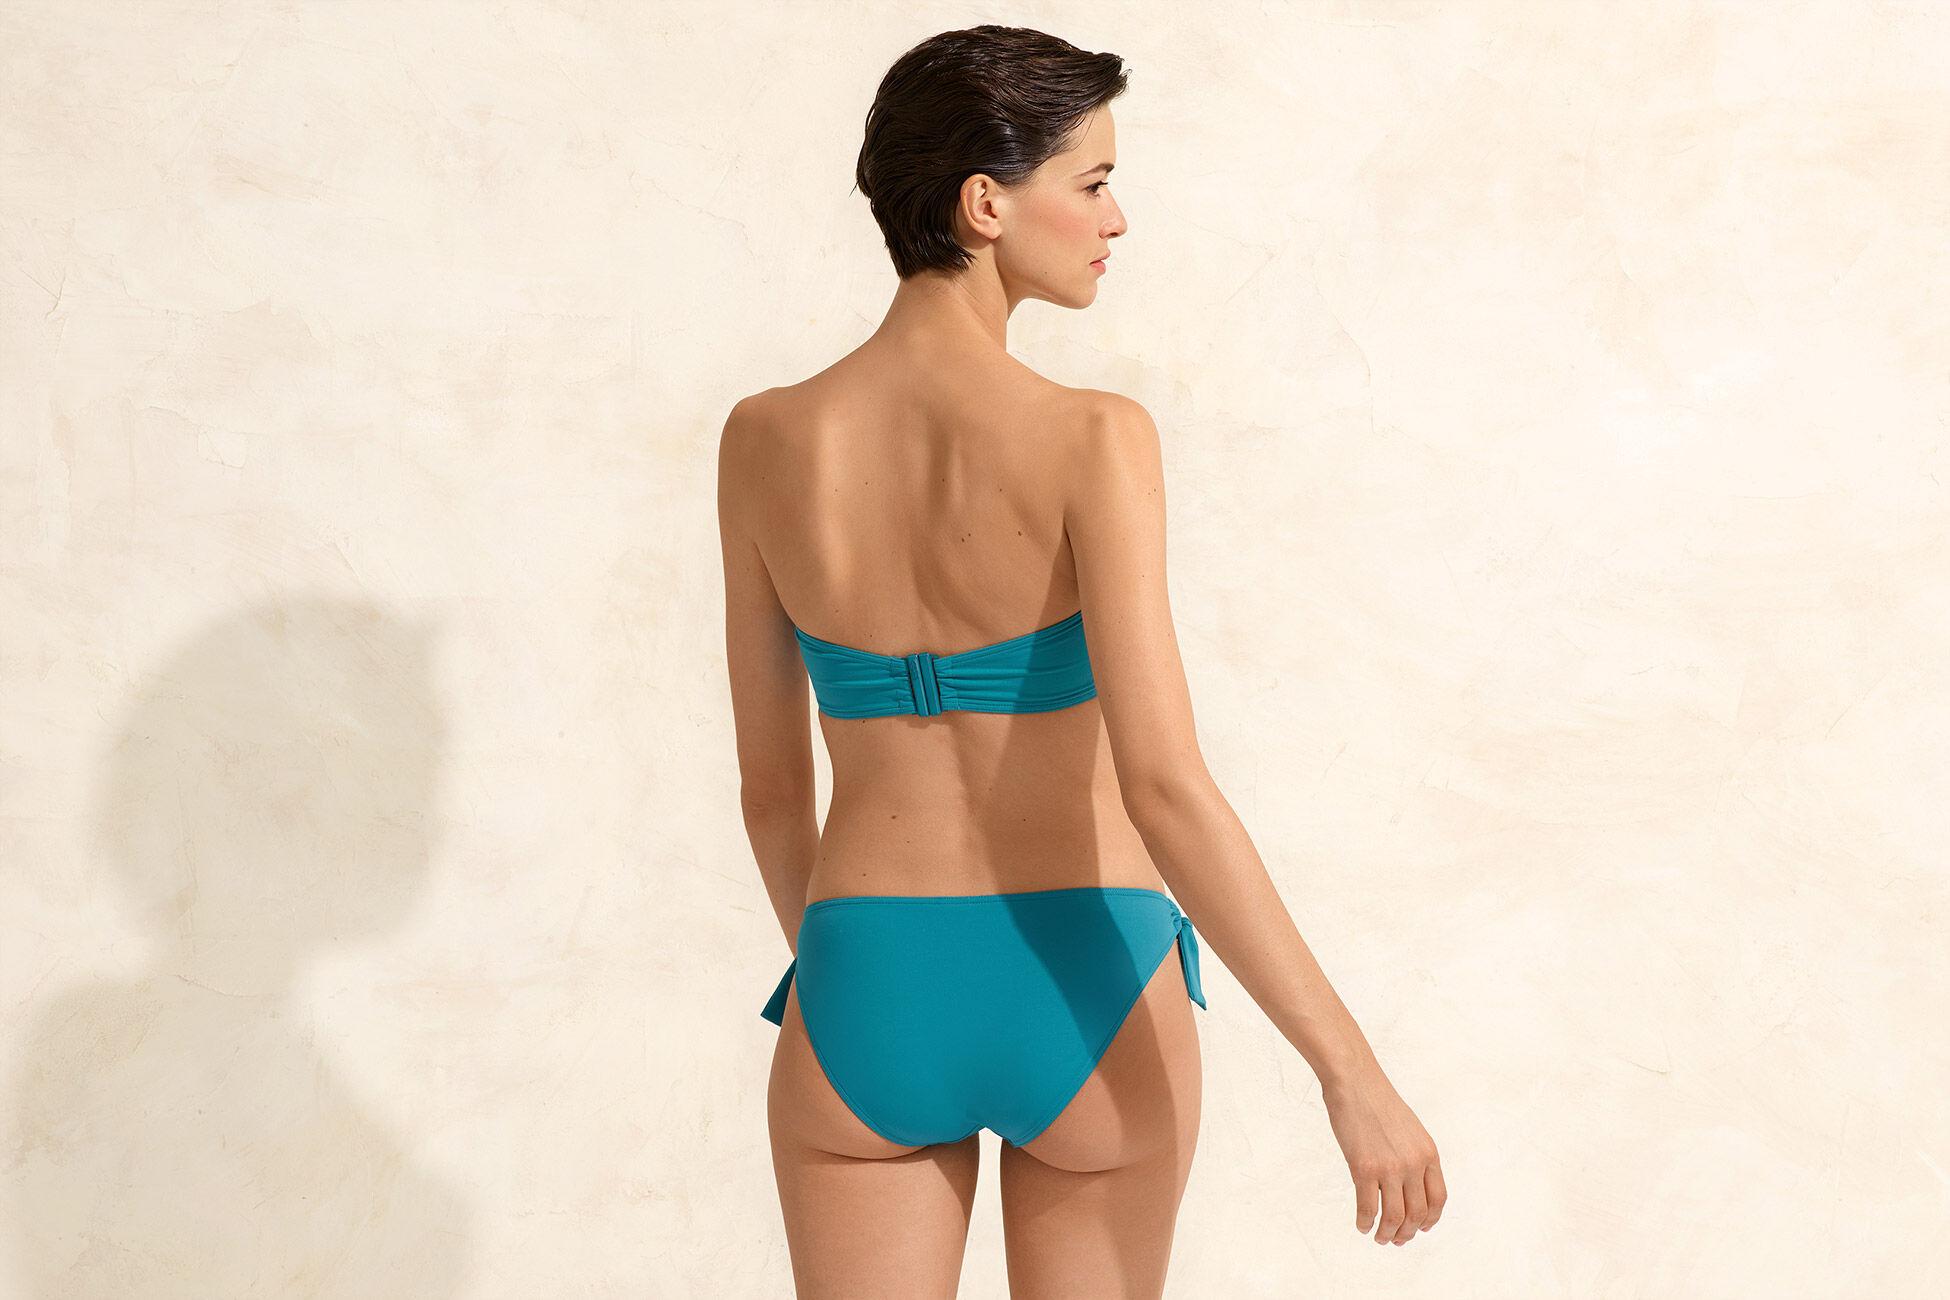 Profit Thin bikini briefs standard view �